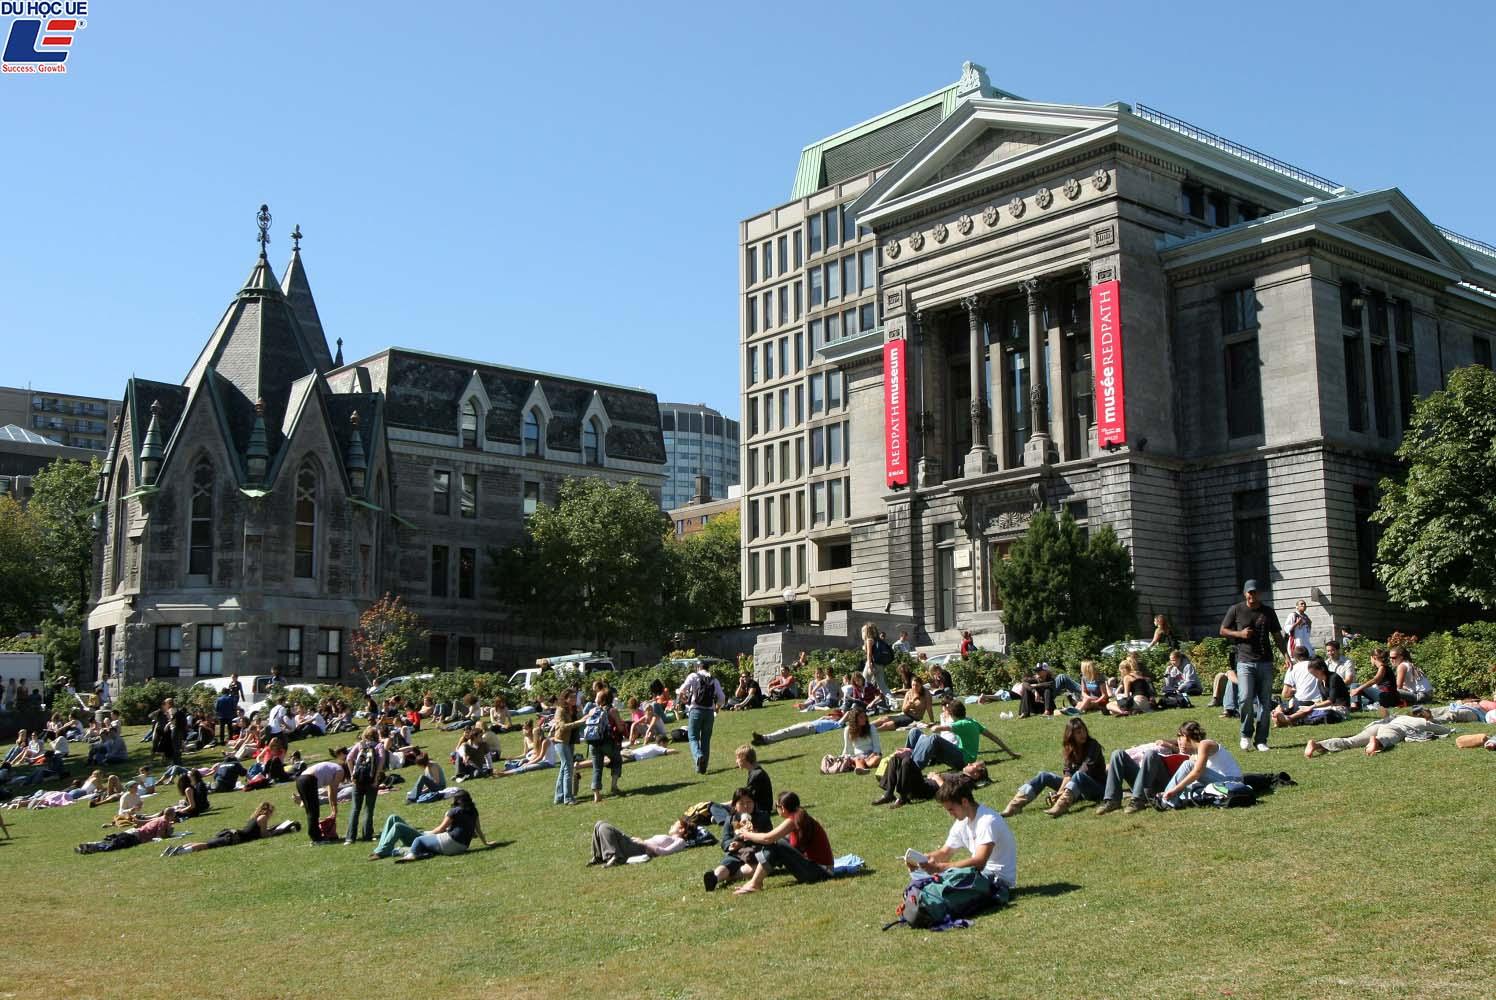 Du học Canada - Trường đại học McGill